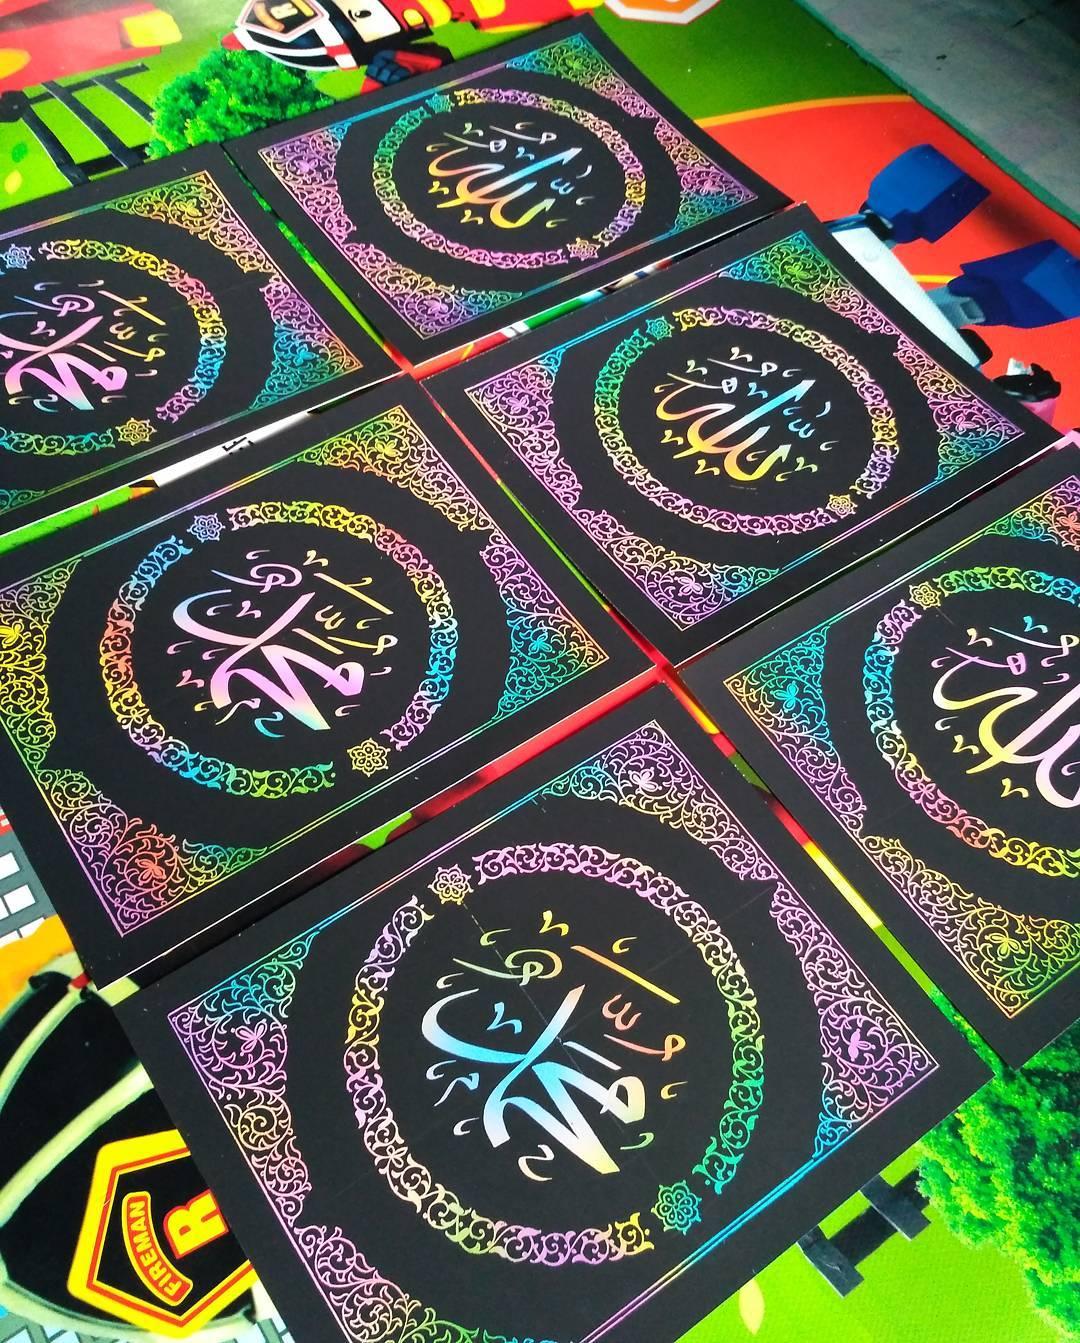 Works Calligraphy Taufik Hasibuan Lafazd Allah Muhamad… Tanpa cetakan..  pesanan dr teman jauh dr Kalimantan Uta… 44